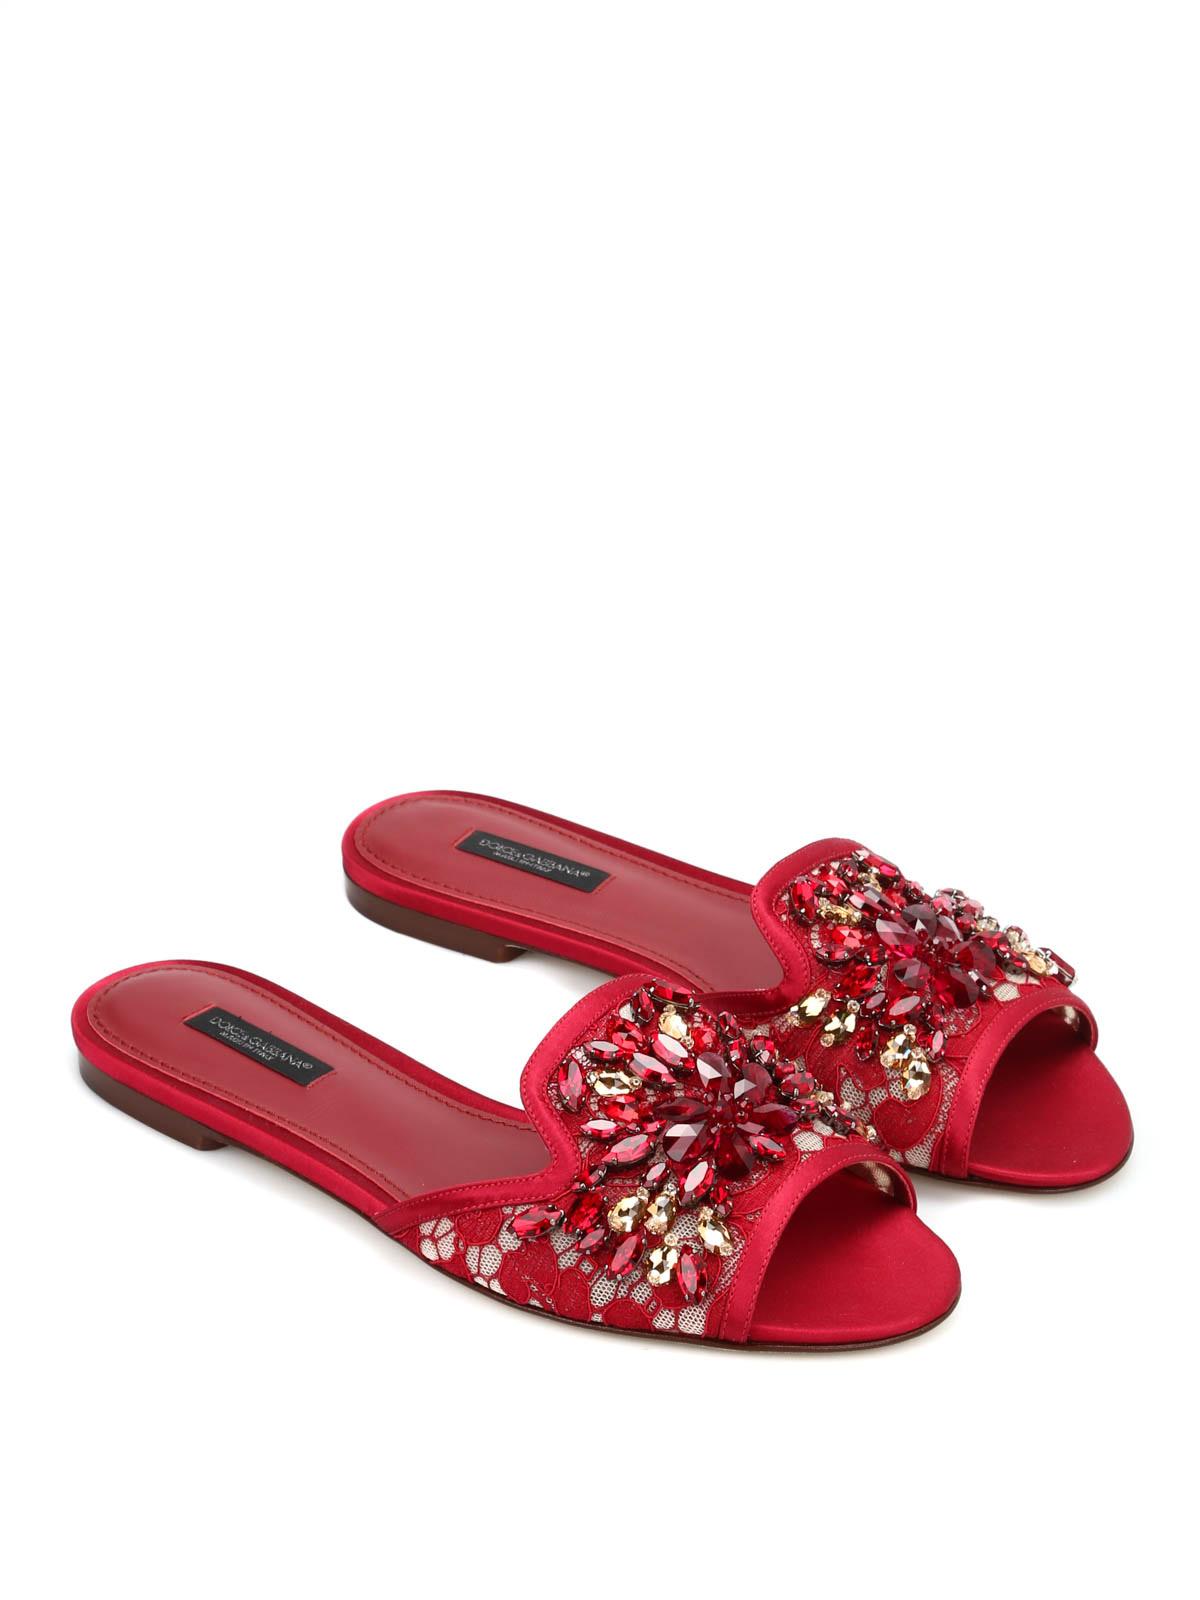 48a0161075e75d Dolce   Gabbana - Jewel macramé flat sandals - sandals - CQ0022 ...